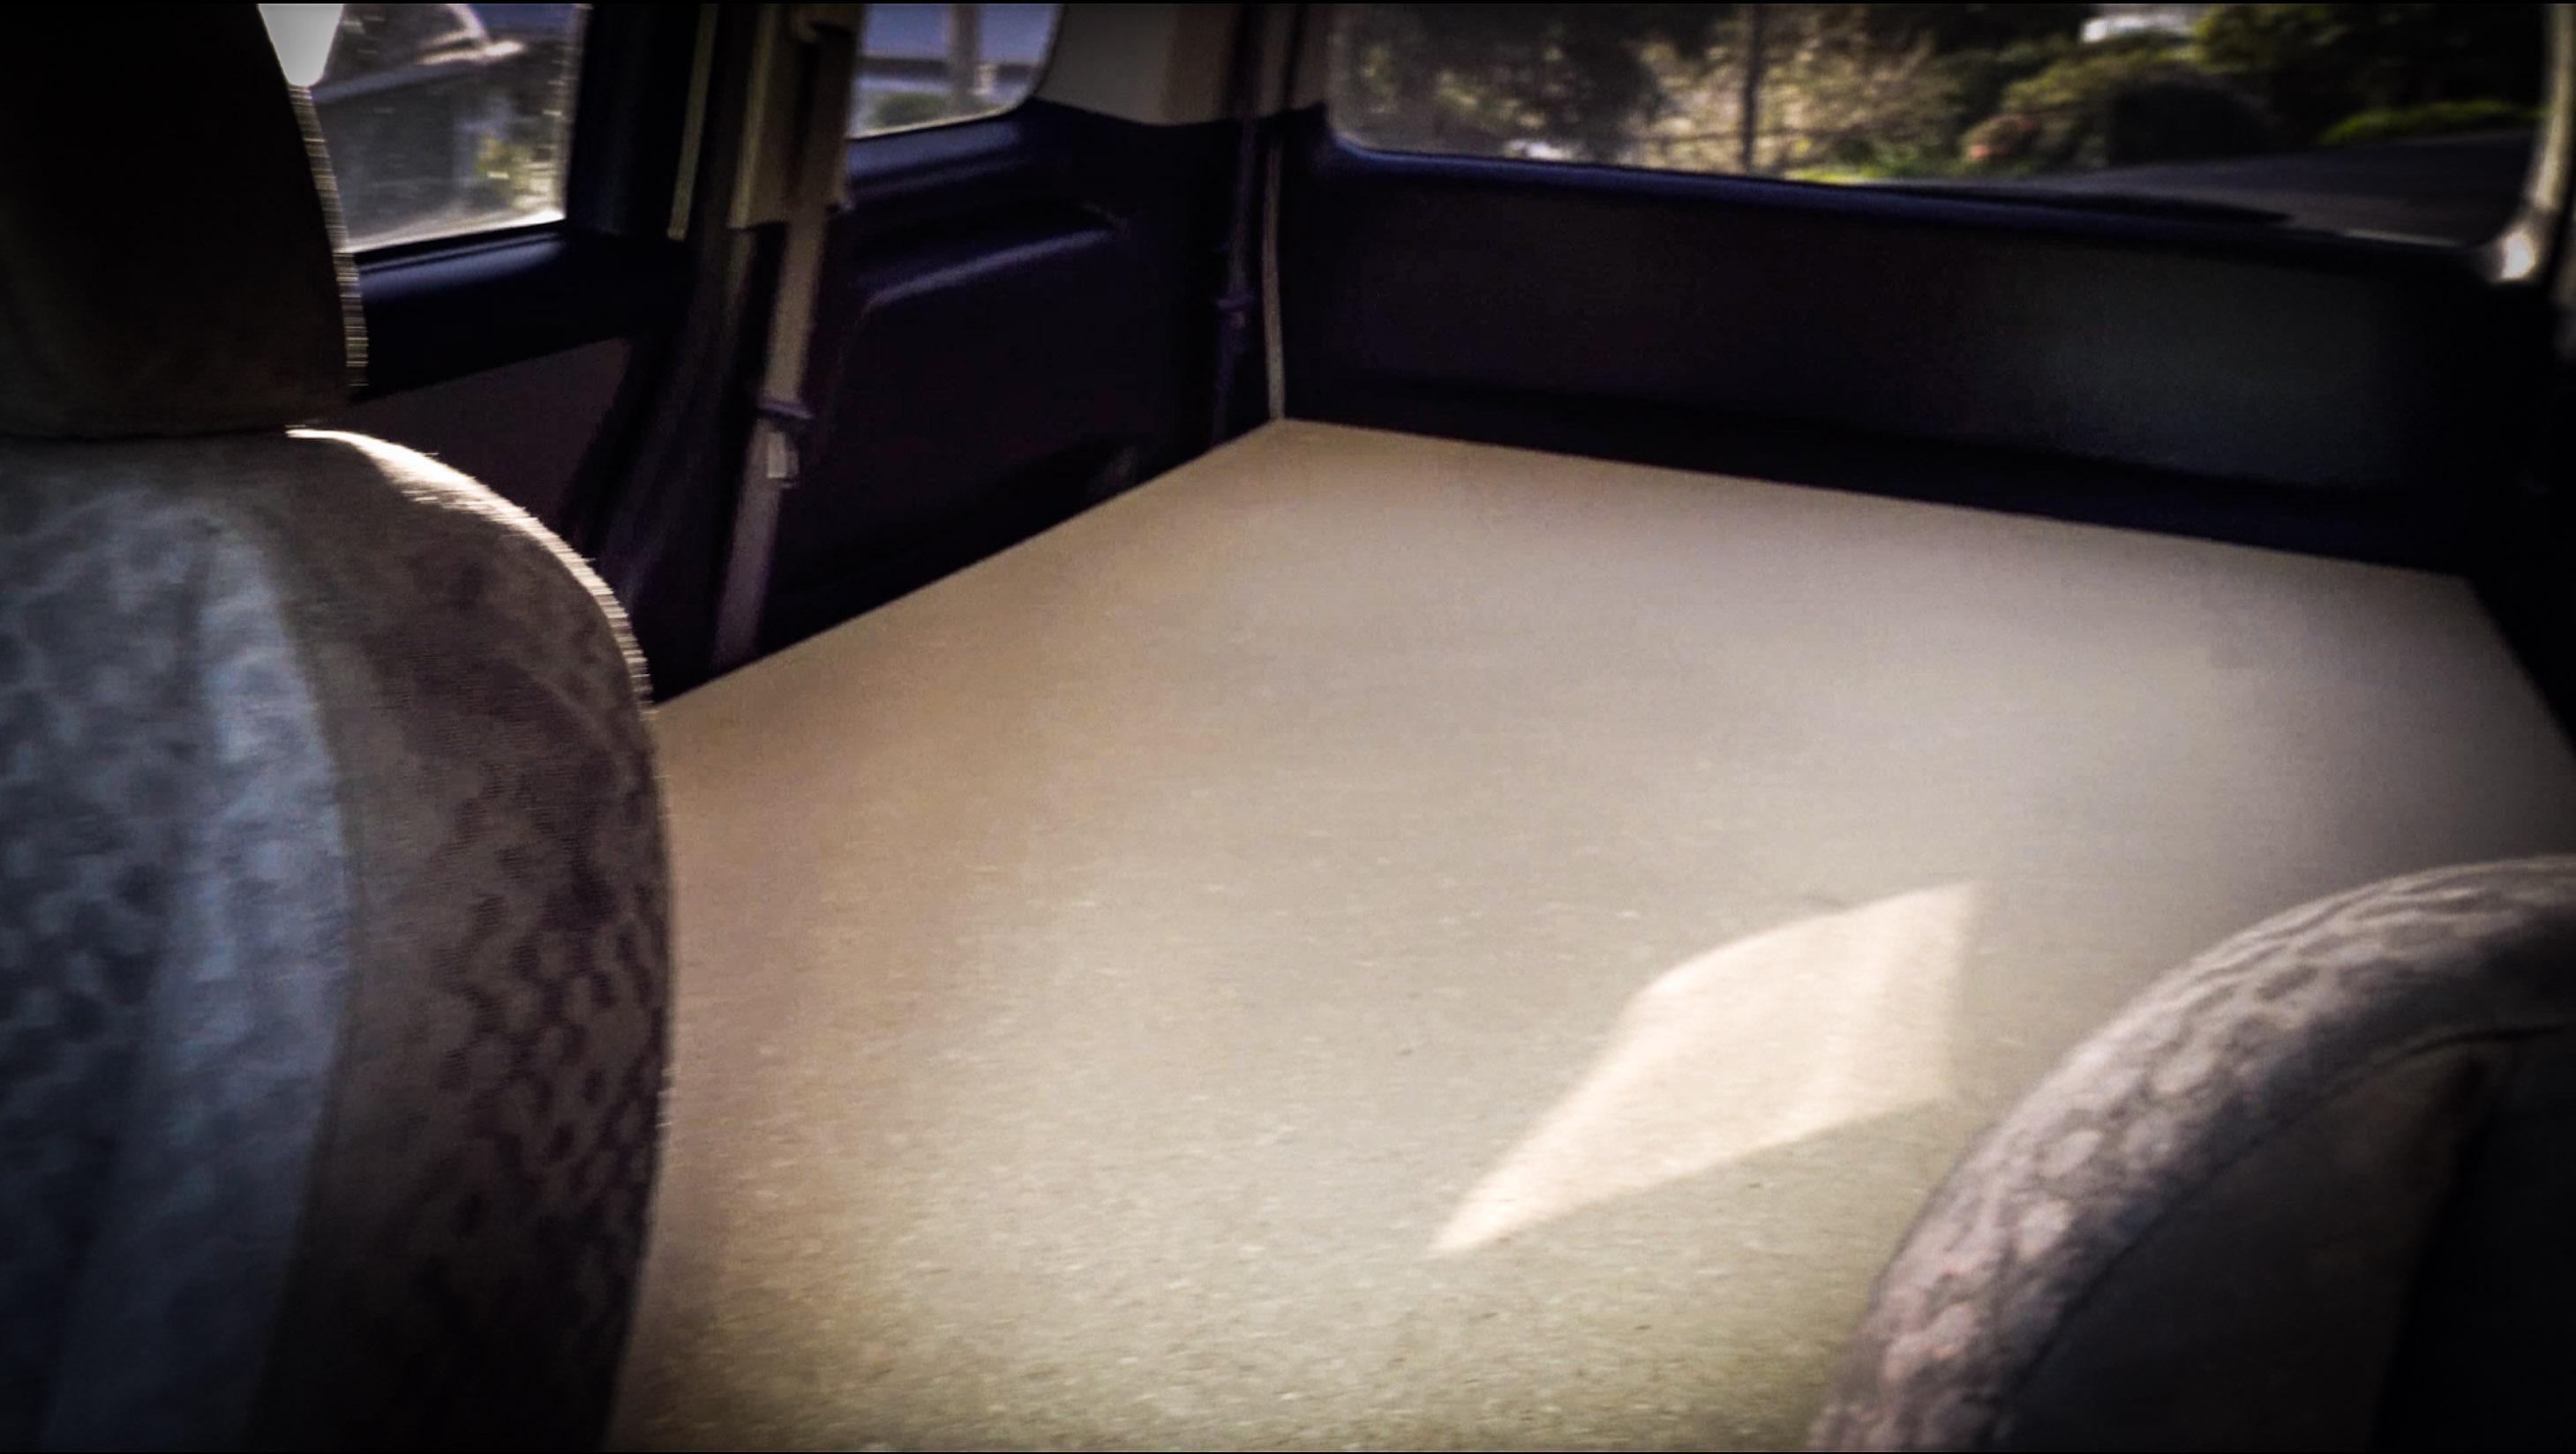 unser campervan und das erste mal linksverkehr the worldiary. Black Bedroom Furniture Sets. Home Design Ideas